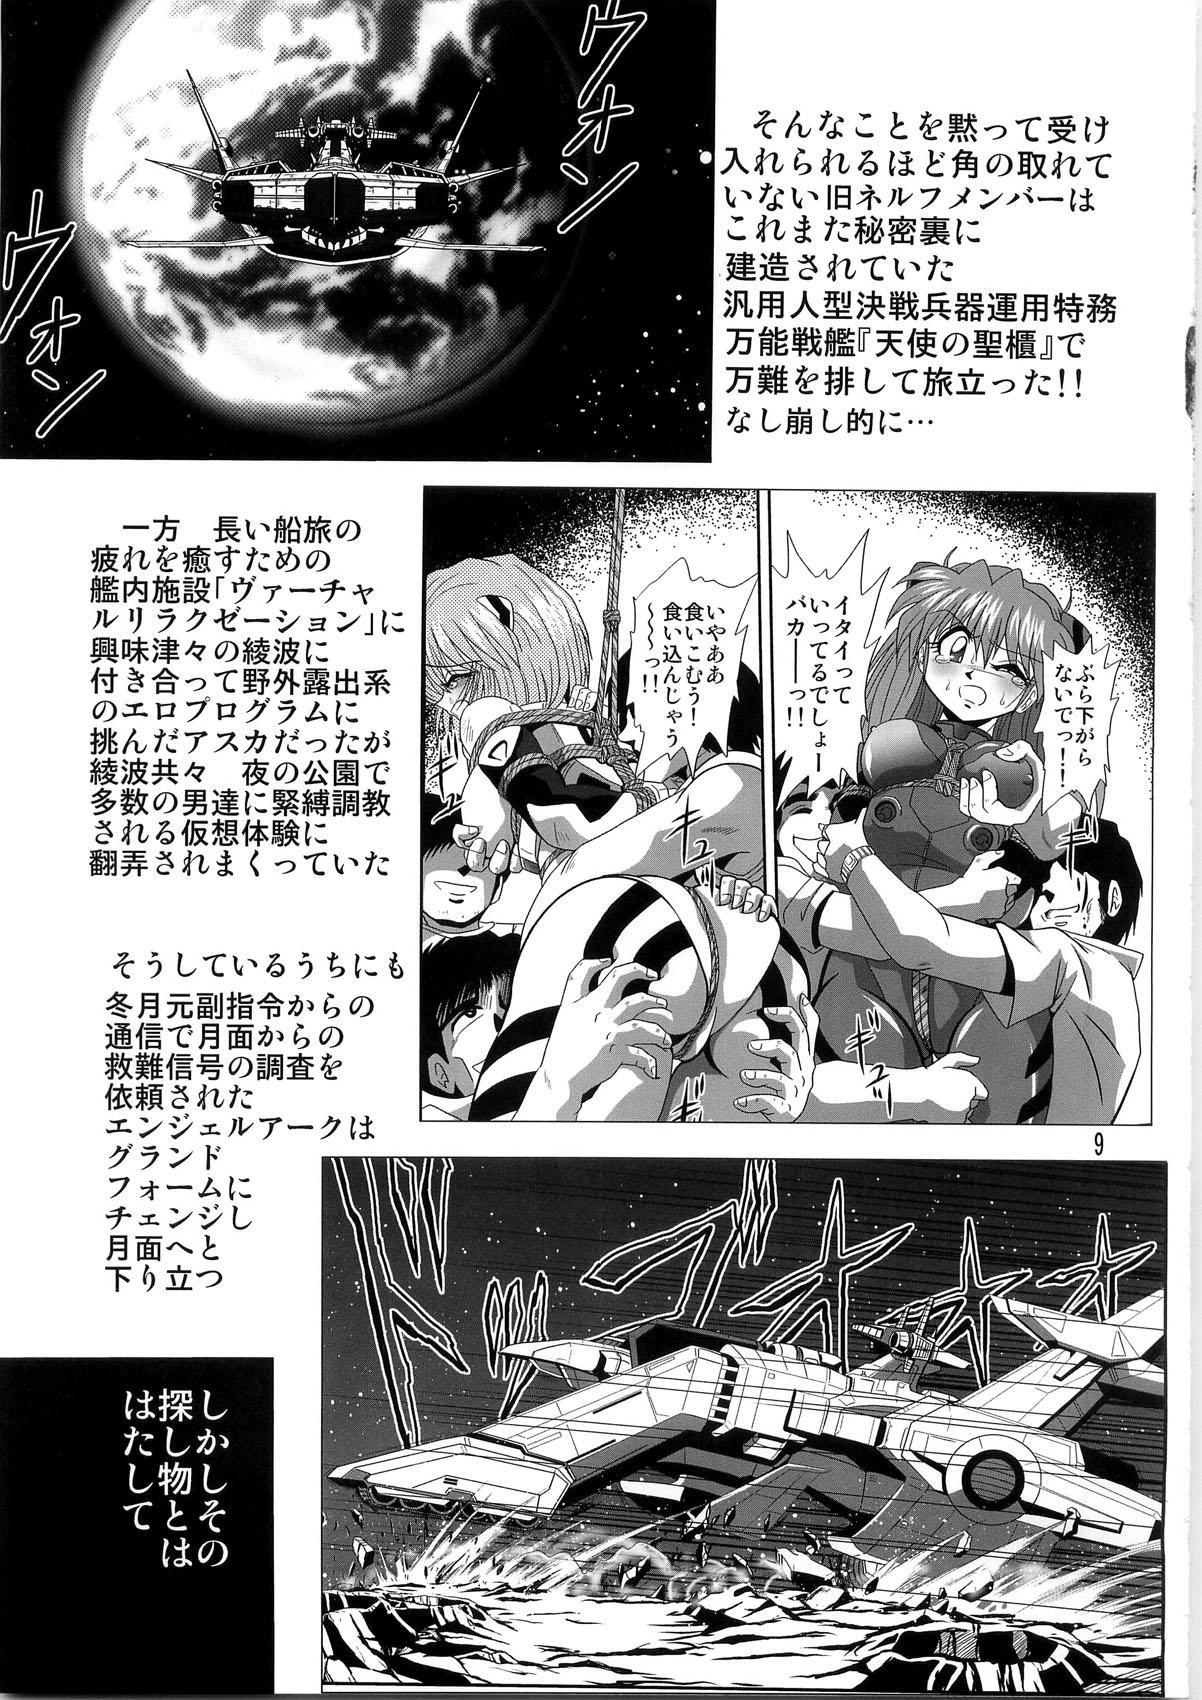 Second Uchuu Keikaku 4 8